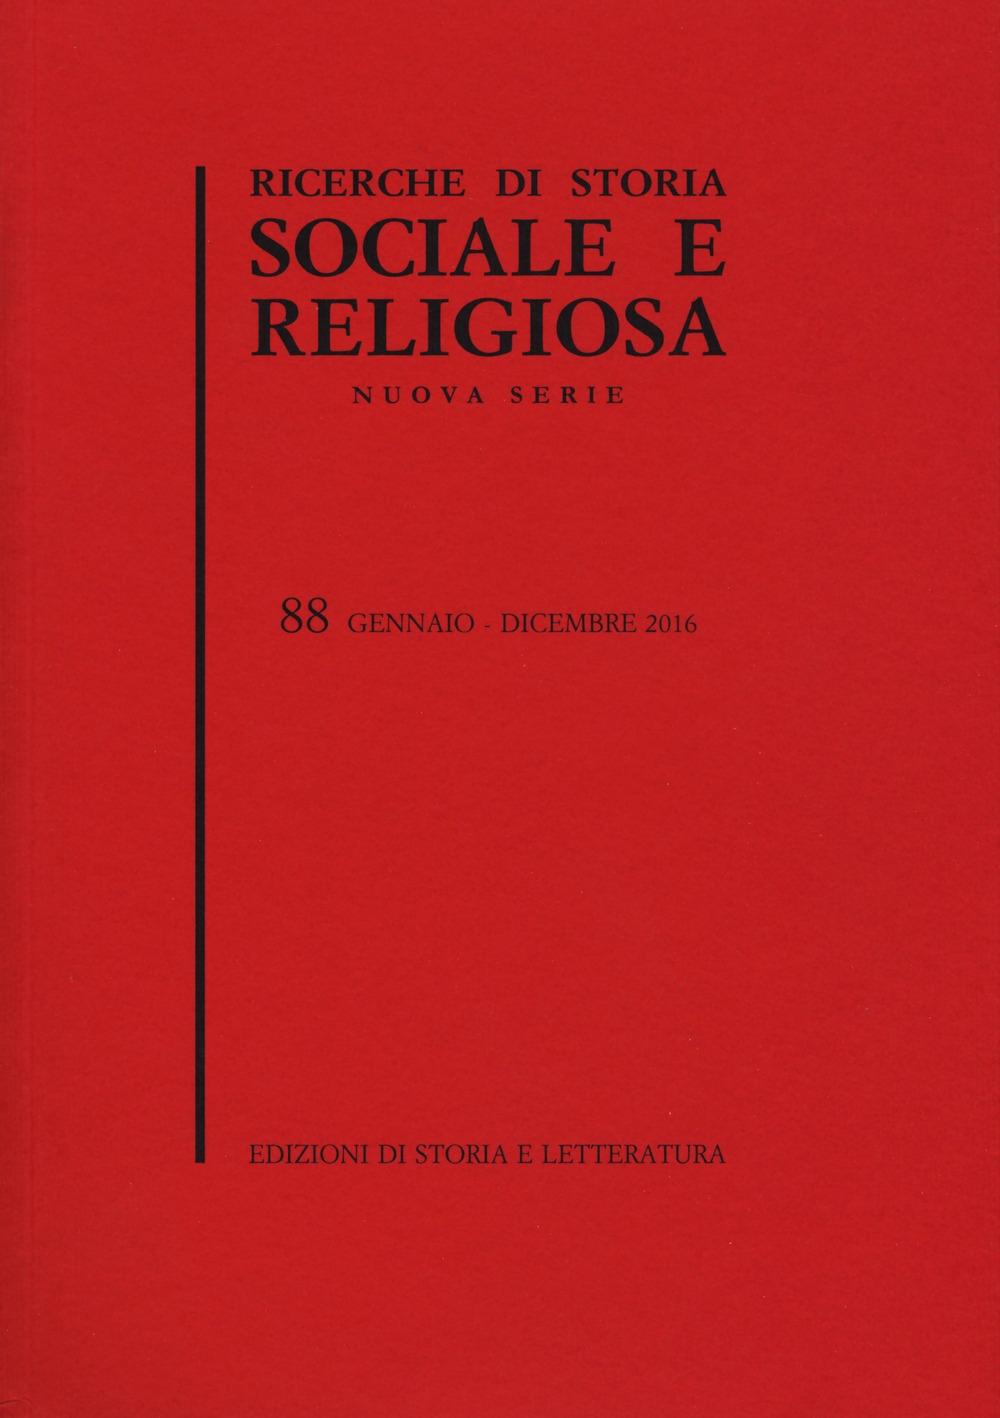 Ricerche di storia sociale e religiosa. Vol. 88.